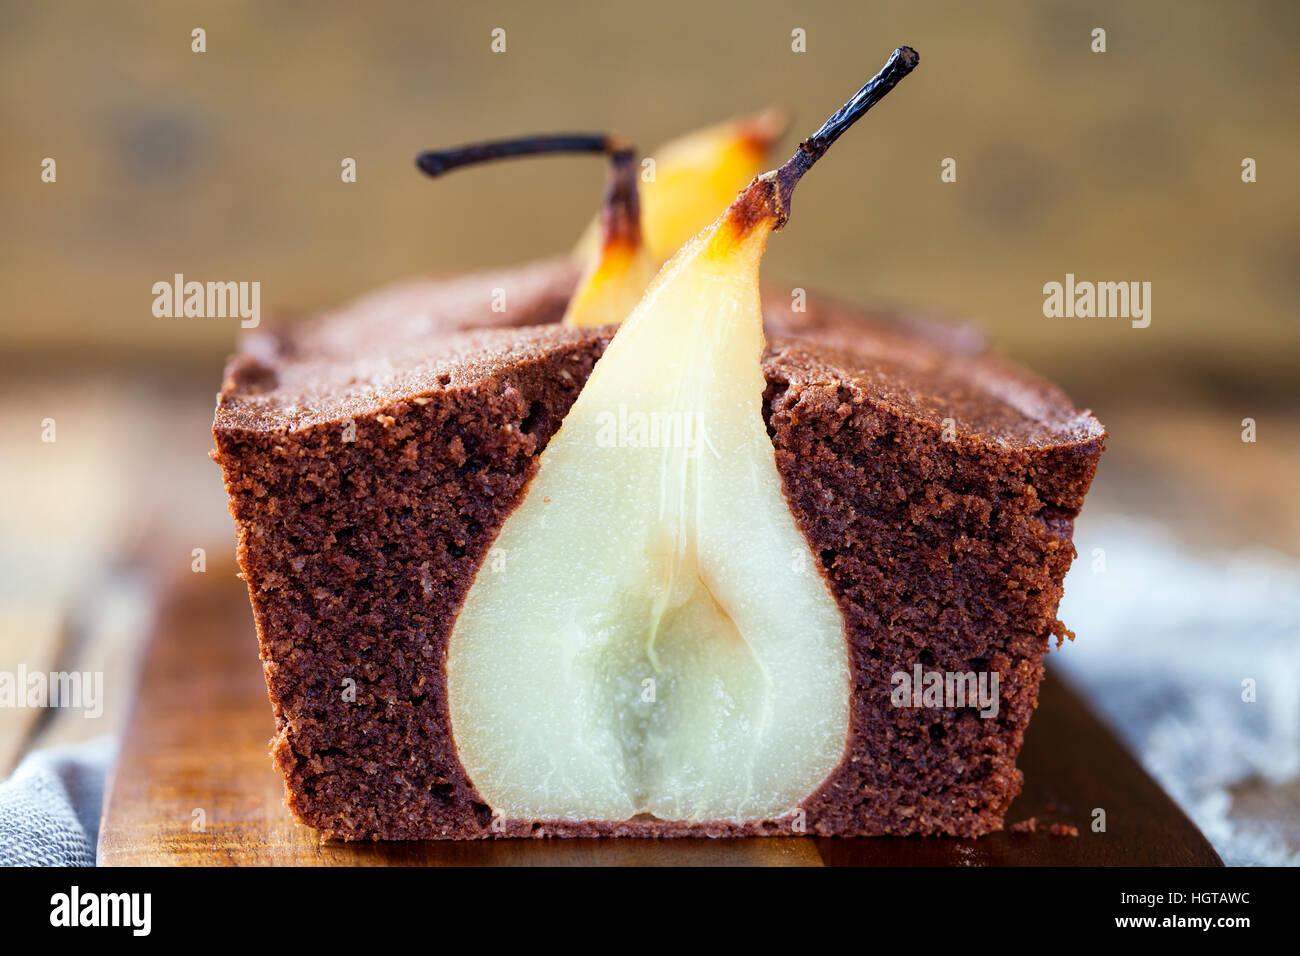 Gâteau au chocolat avec poire pochée Photo Stock